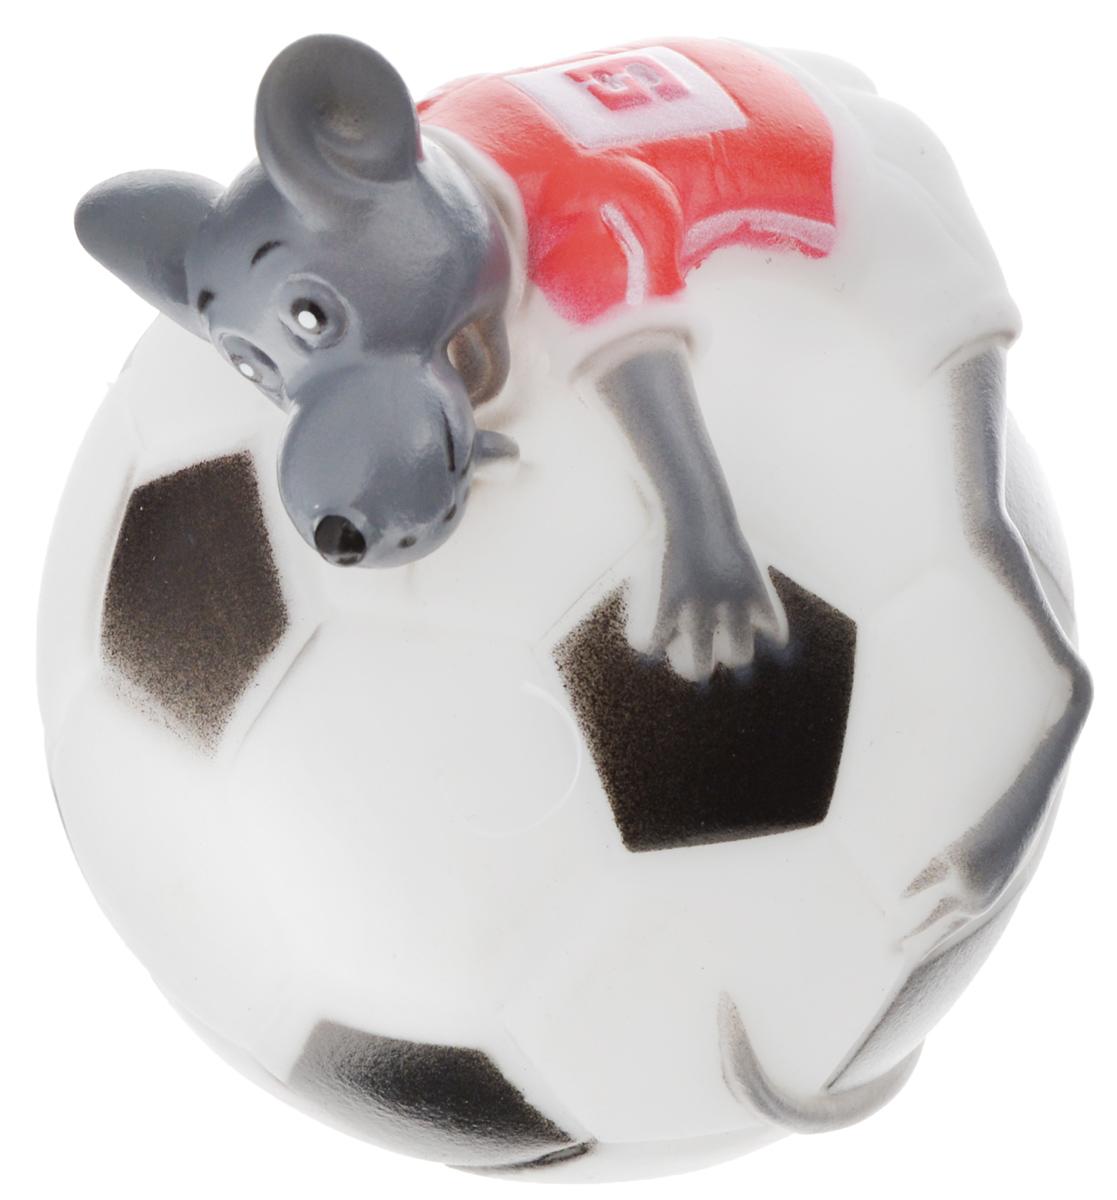 Игрушка для собак Каскад Мышь на футбольном мяче, диаметр 10 см0120710Игрушка для собак Каскад Мышь на футбольном мяче изготовлена из мягкой и прочной безопасной резины, устойчивой к разгрызанию. Игрушка снабжена пищалкой. Изделие отличается прочностью и в то же время мягкостью и эластичностью. Необычная и забавная игрушка прекрасно подойдет для игр вашей собаки.